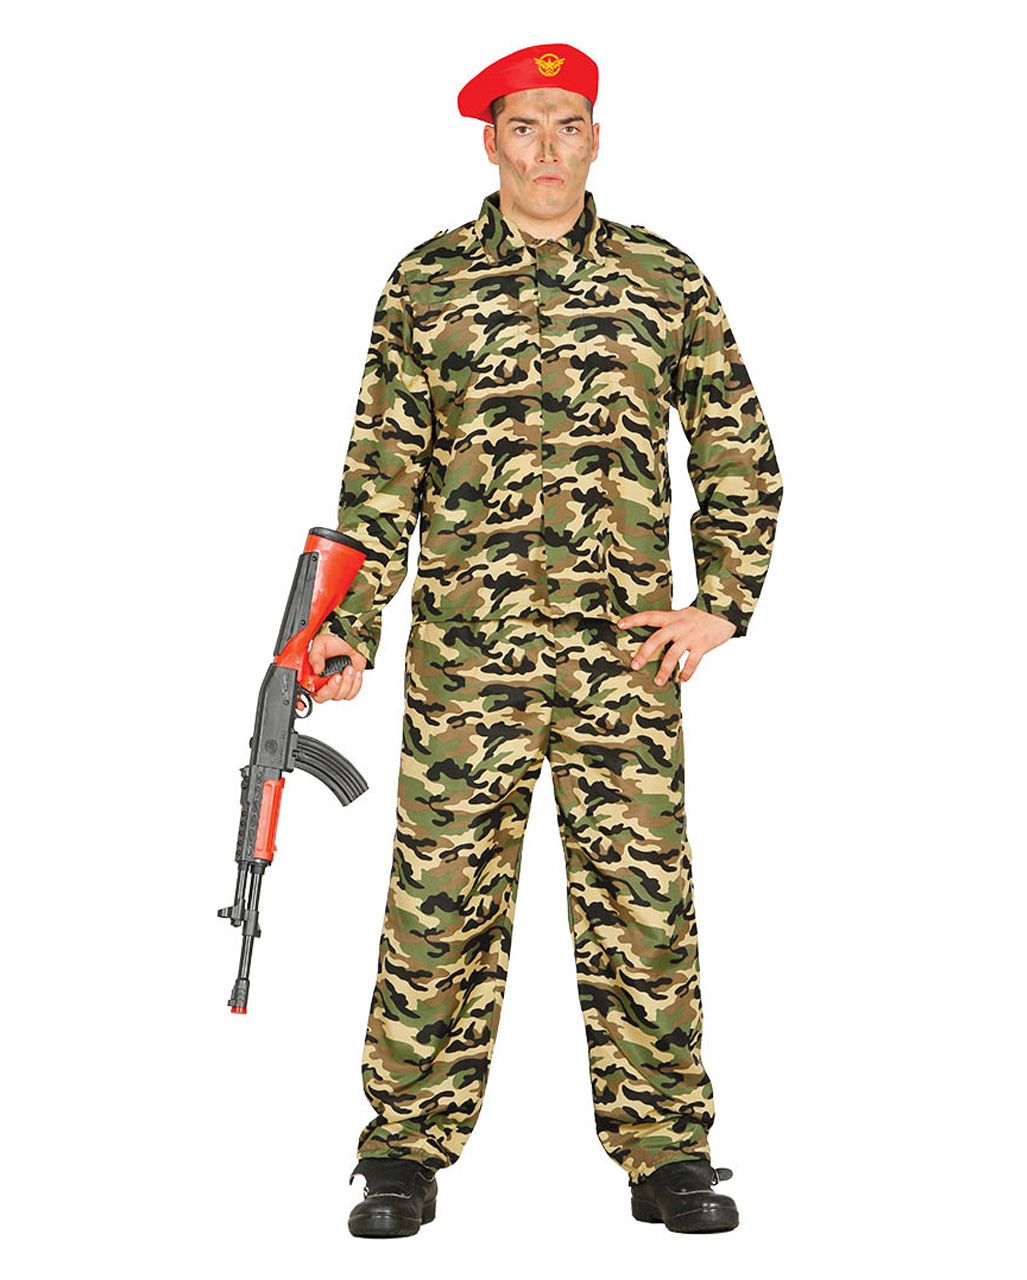 soldaten kost m camouflage mit m tze bestellen horror. Black Bedroom Furniture Sets. Home Design Ideas